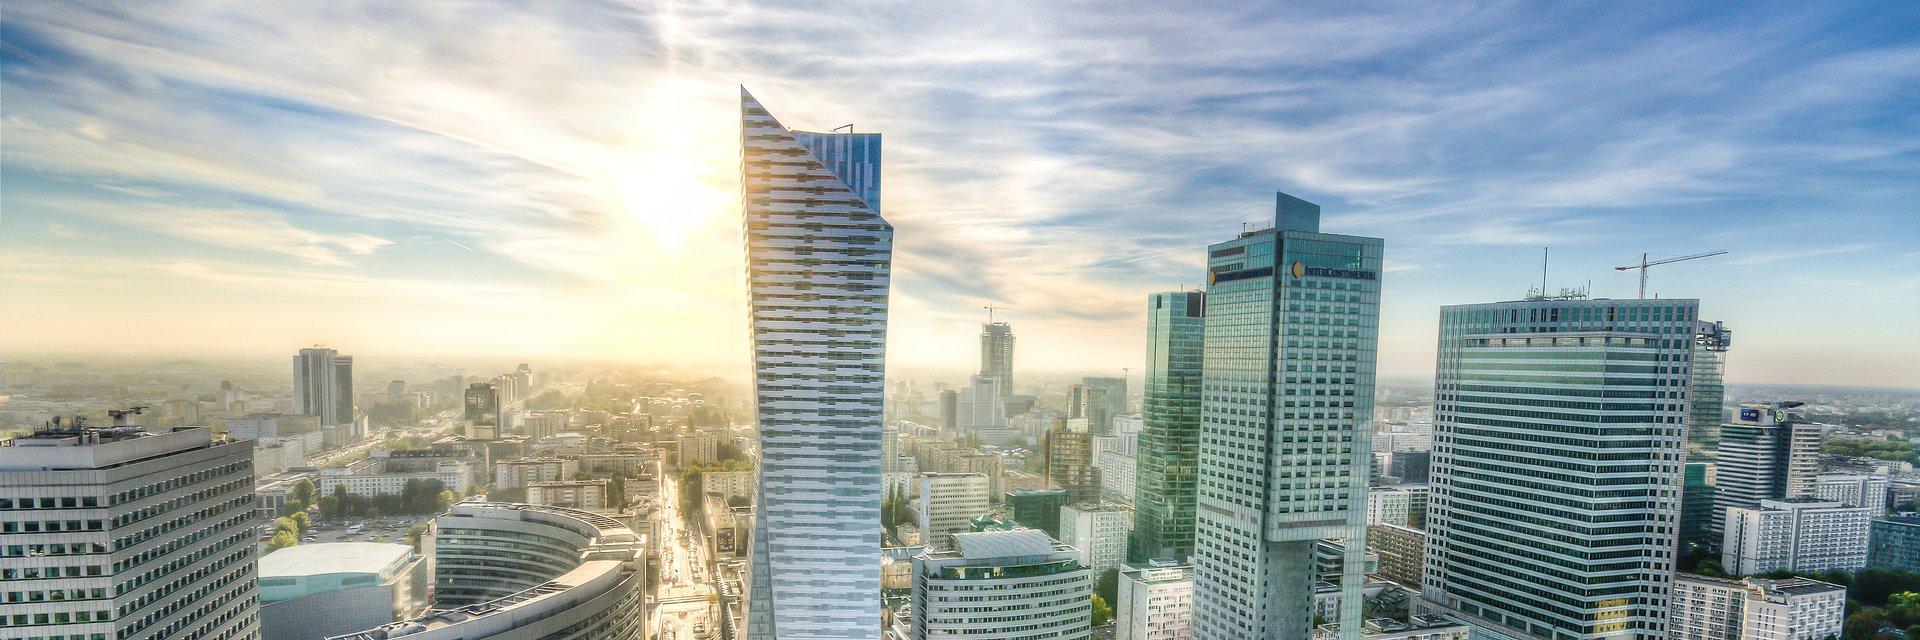 PINK opublikował dane dotyczące rynku biurowego w Warszawie w IV kwartale 2020 roku